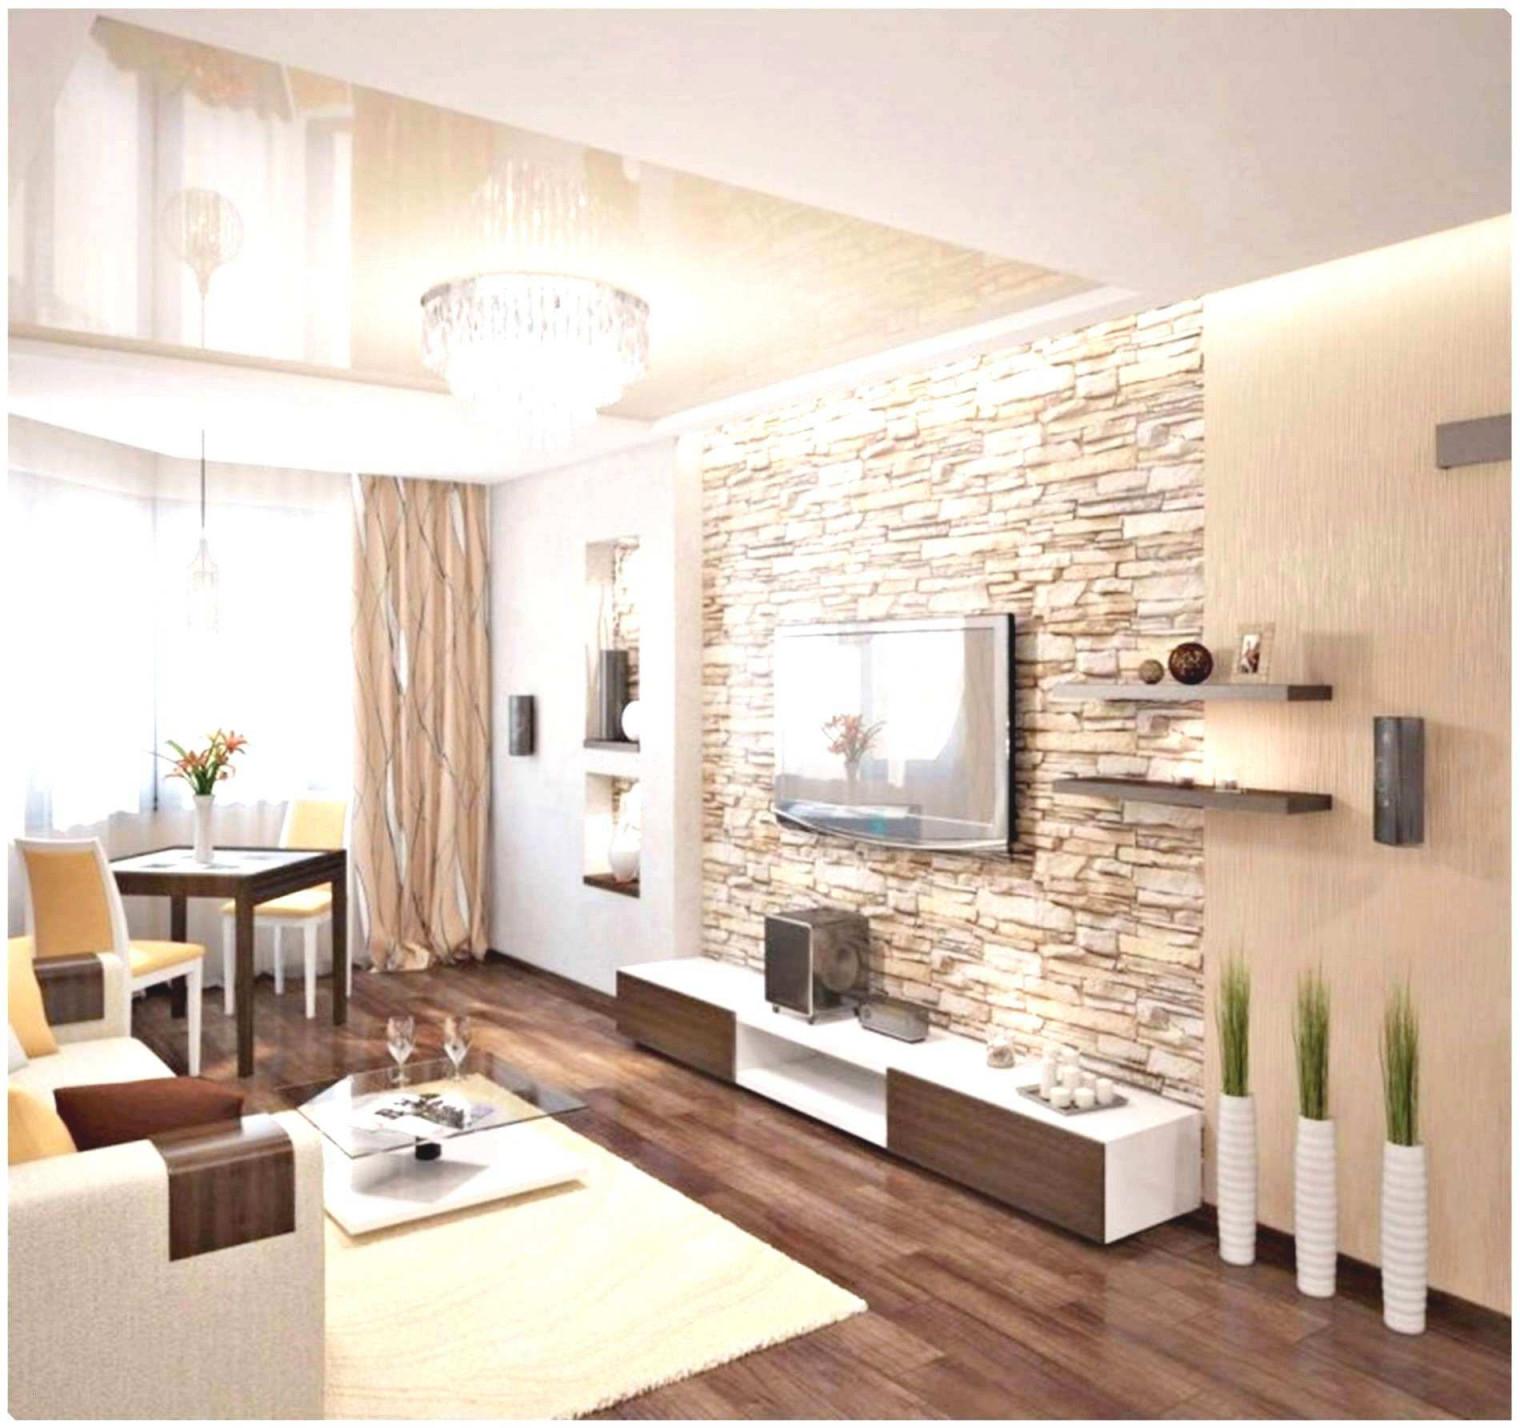 Tapeten Modern Design Das Beste Von Wohnzimmer Tapeten von Wohnzimmer Tapeten Modern Photo